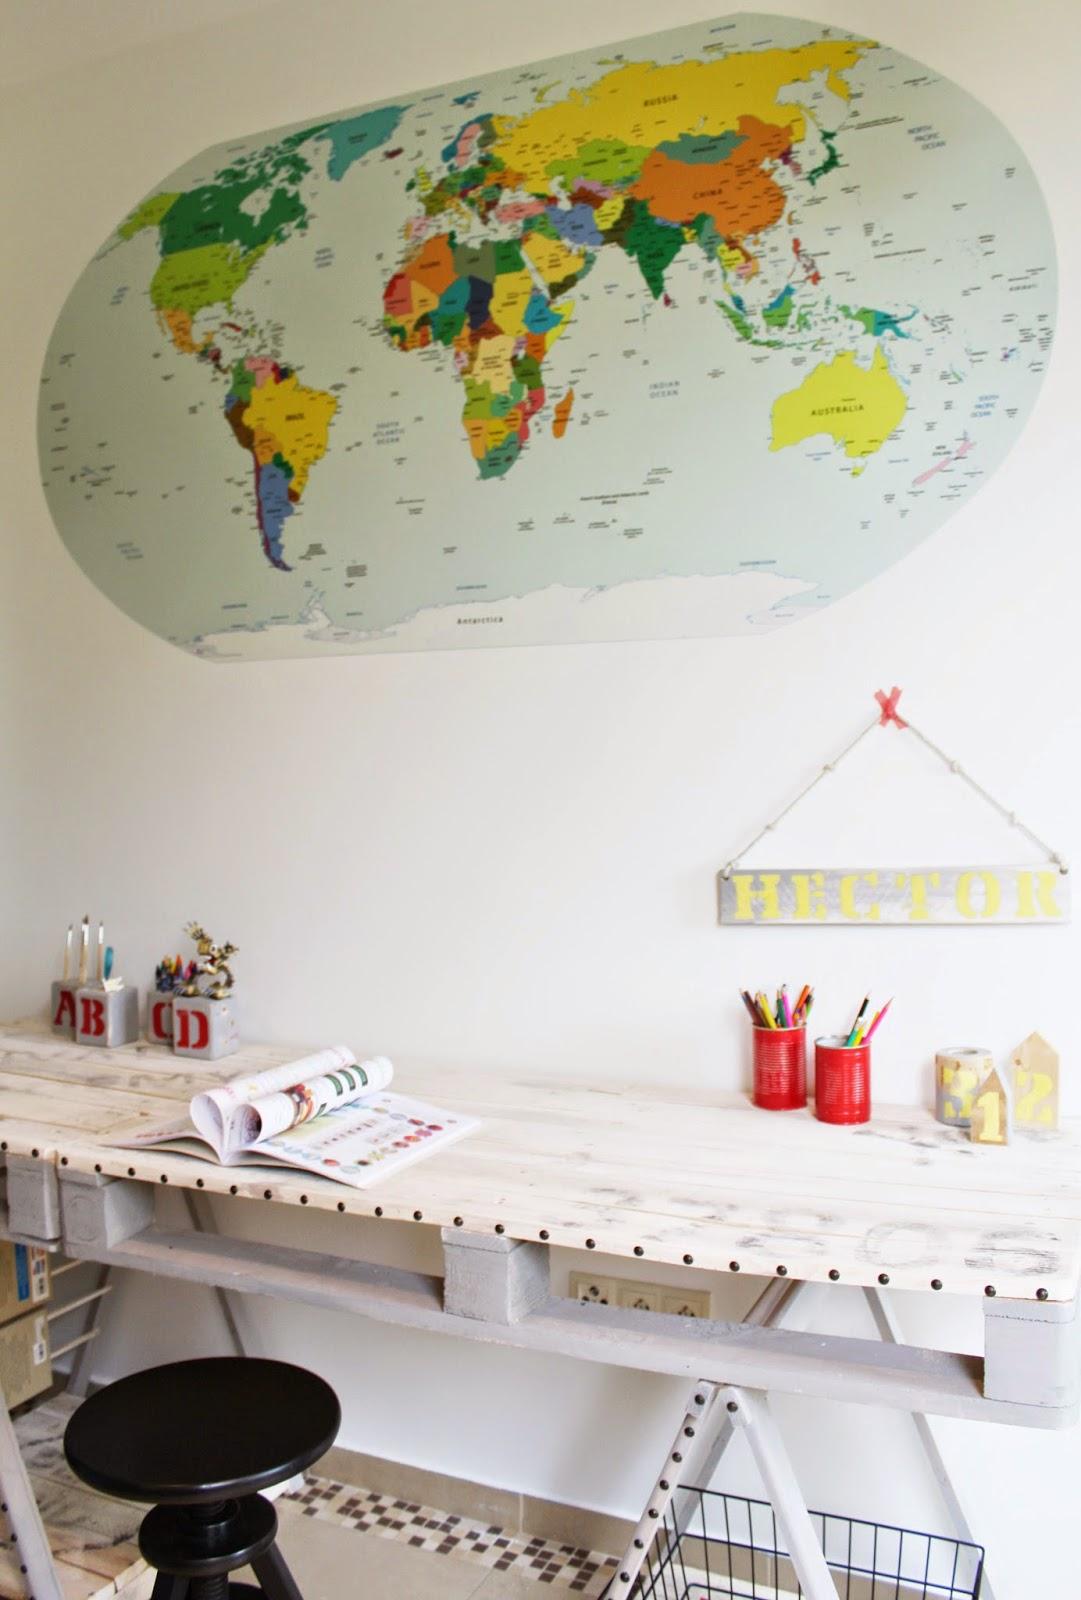 blog wnętrzarski DIY lifestyle,majsterkowanie blogerka Szczecin,jak zmienić pokój w jeden dzień,biały pokój z mapą świata,majsterkowanie kobiet blog